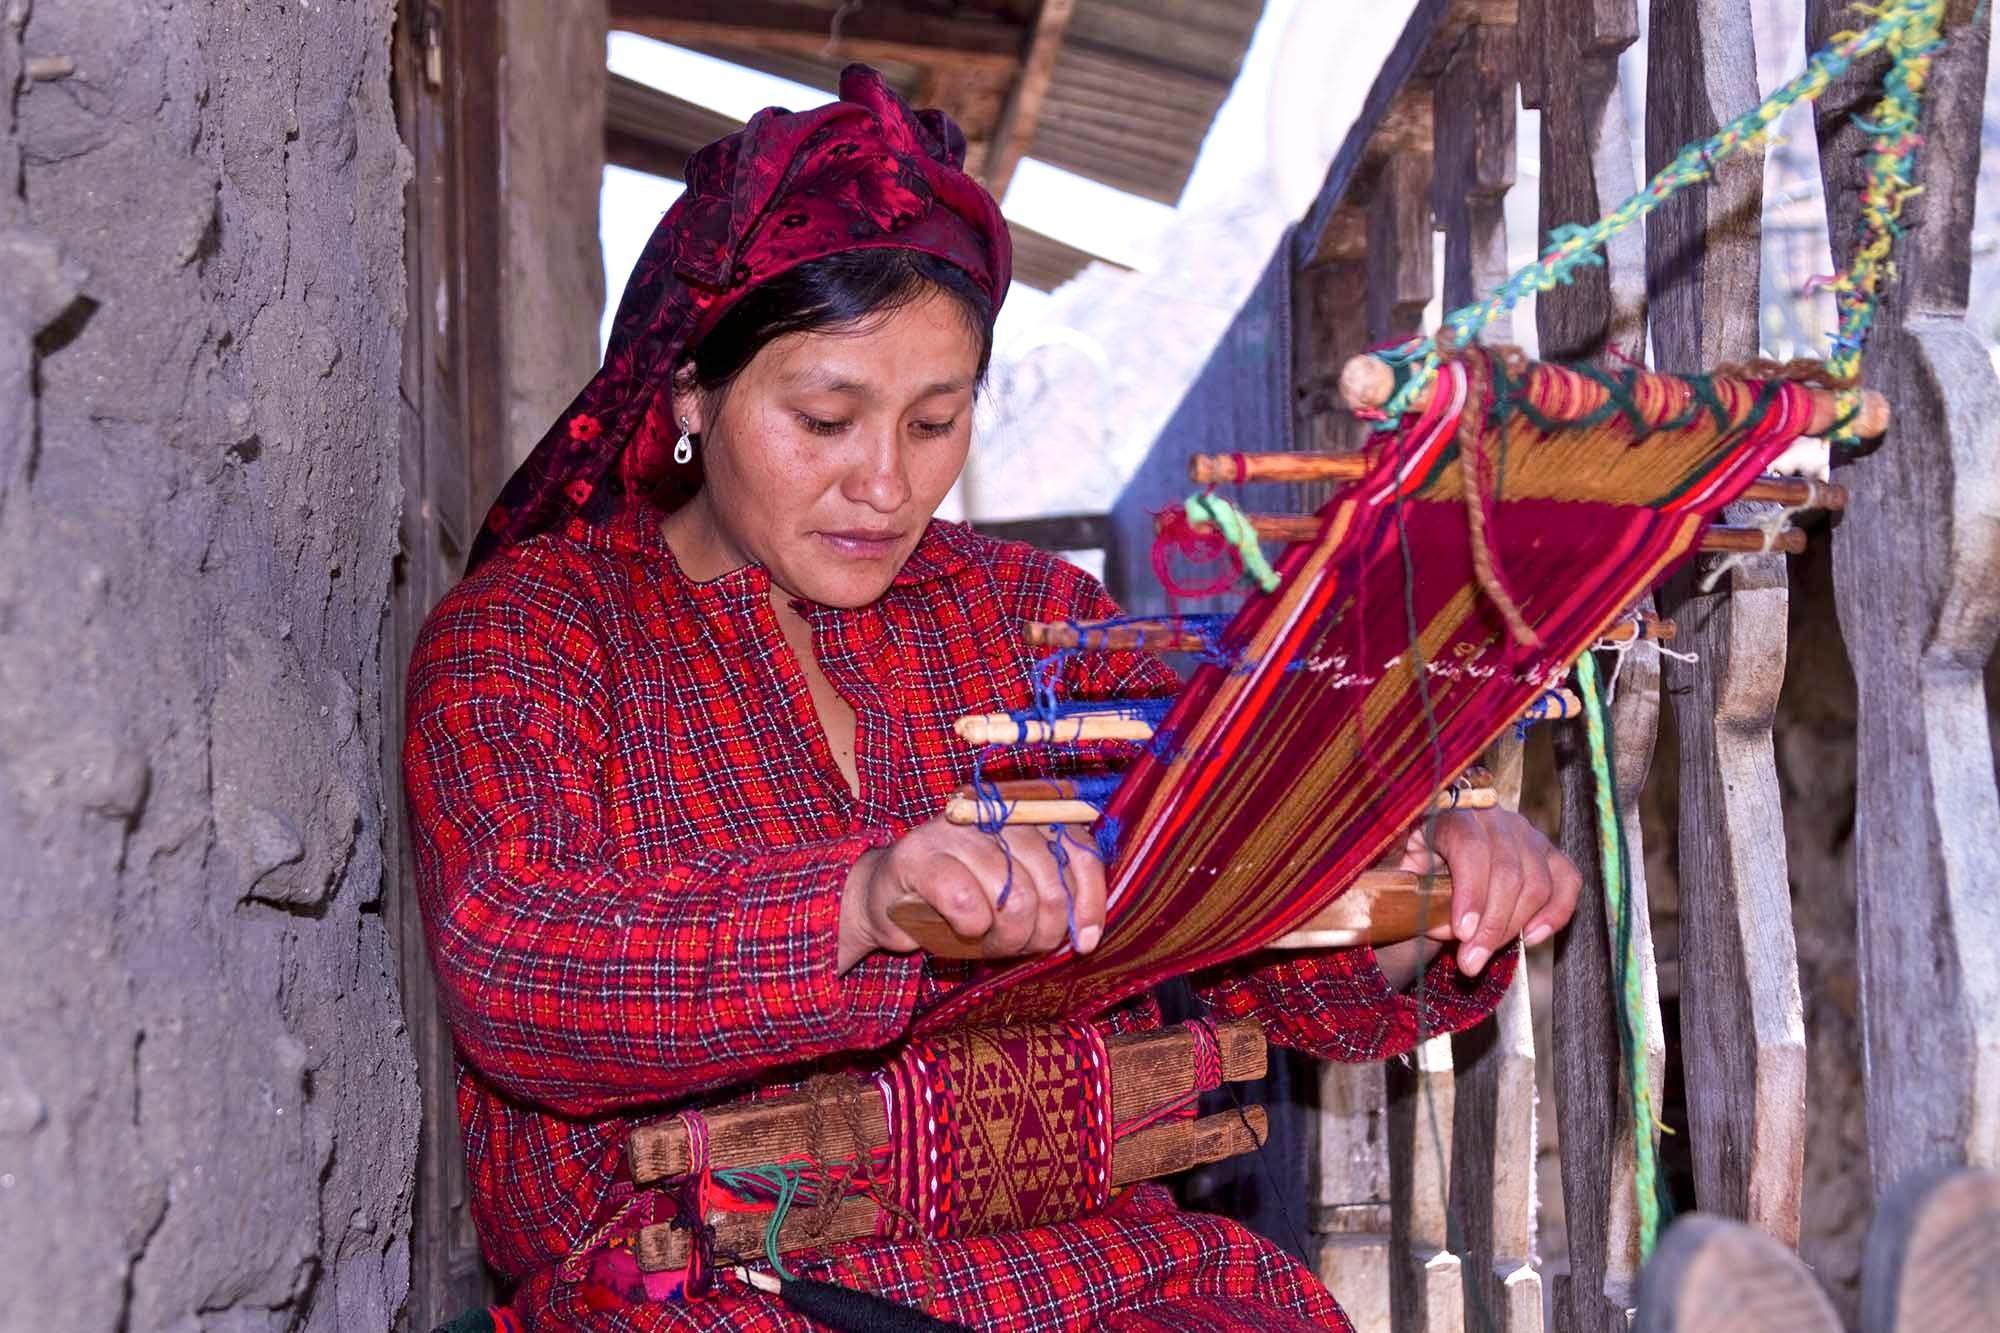 Sonia weaving a belt  wak'a